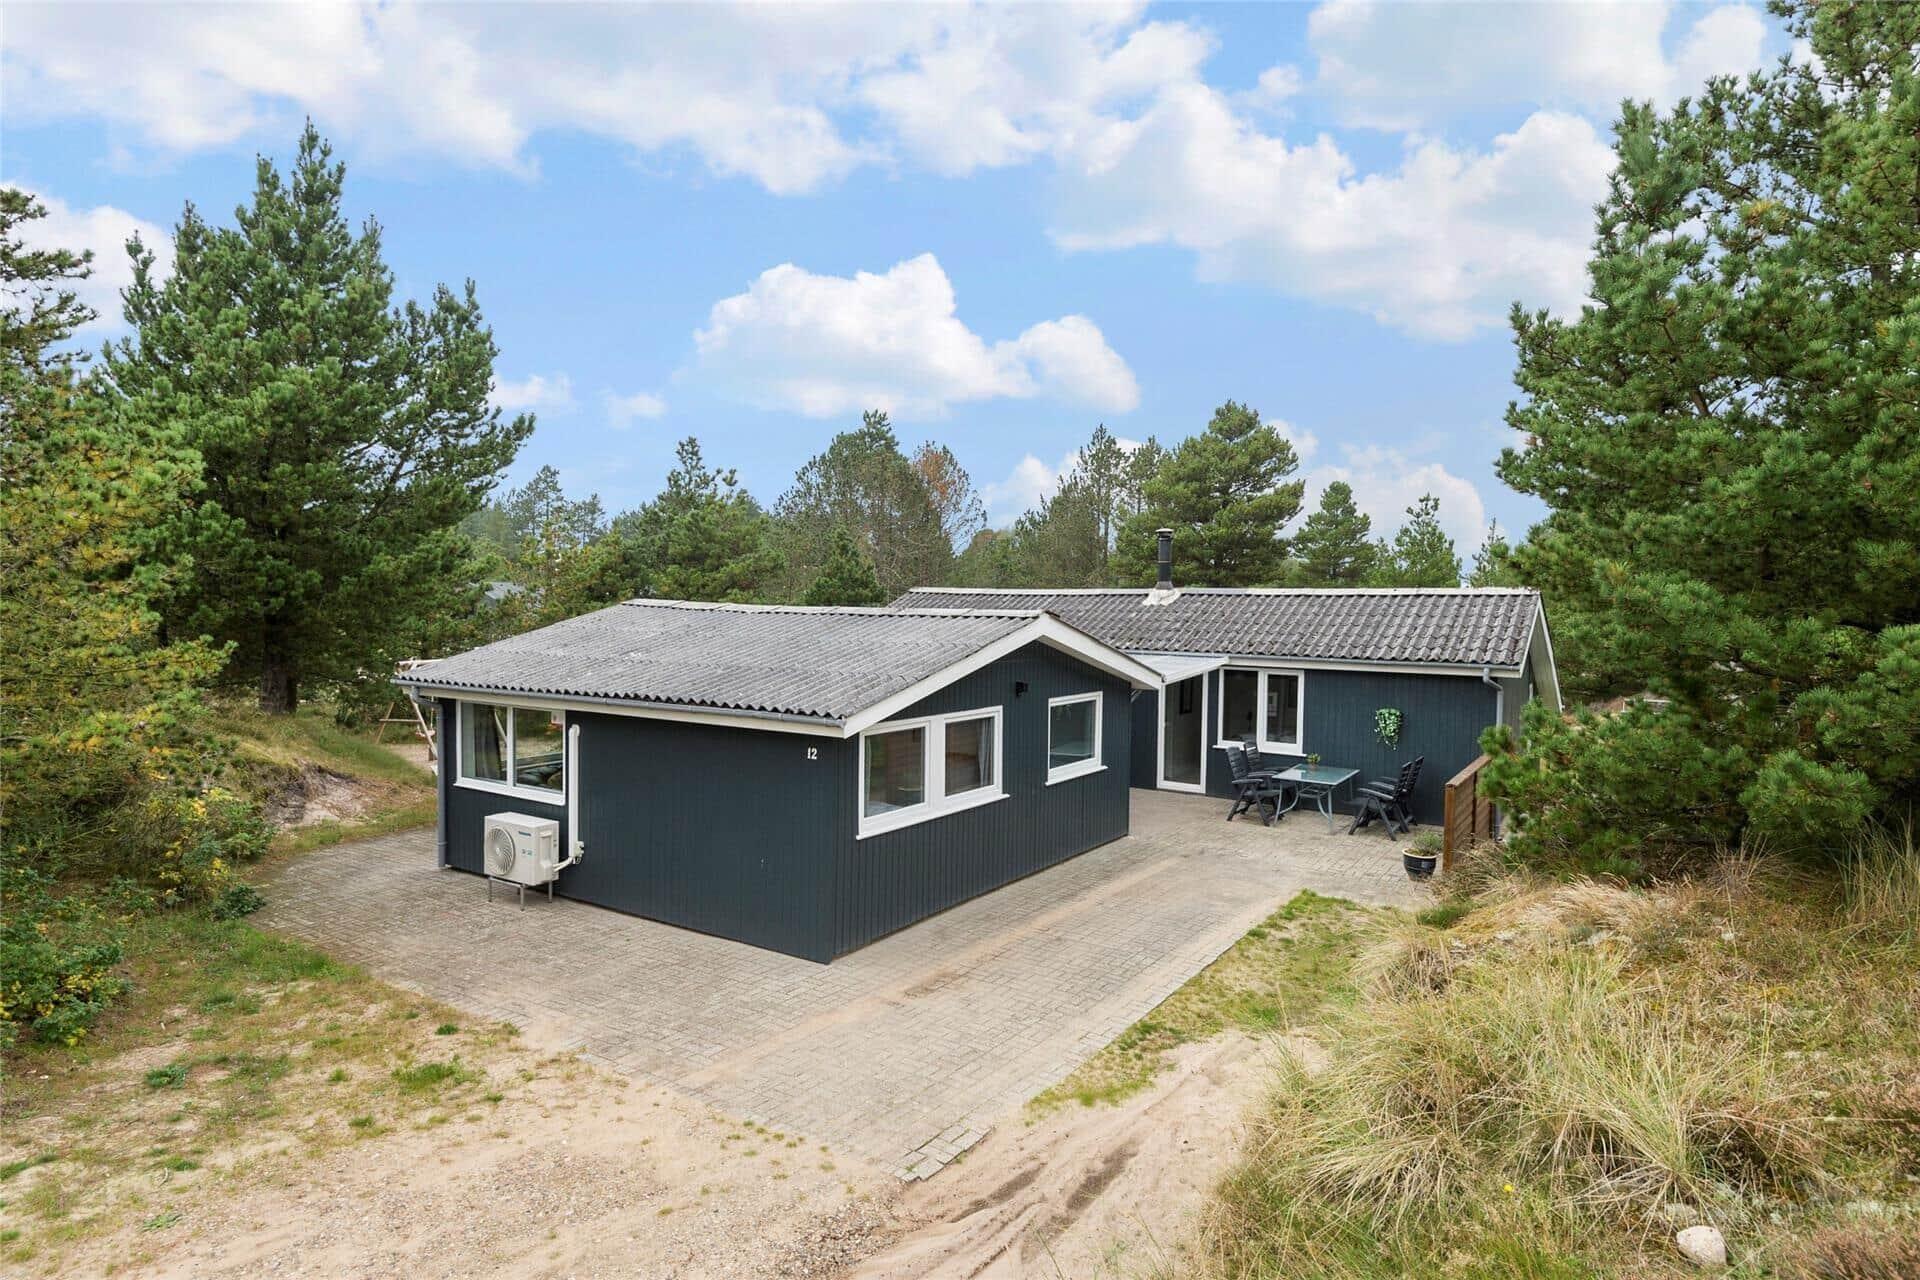 Billede 1-11 Sommerhus 0224, J Tagholmsvej 12, DK - 6792 Rømø